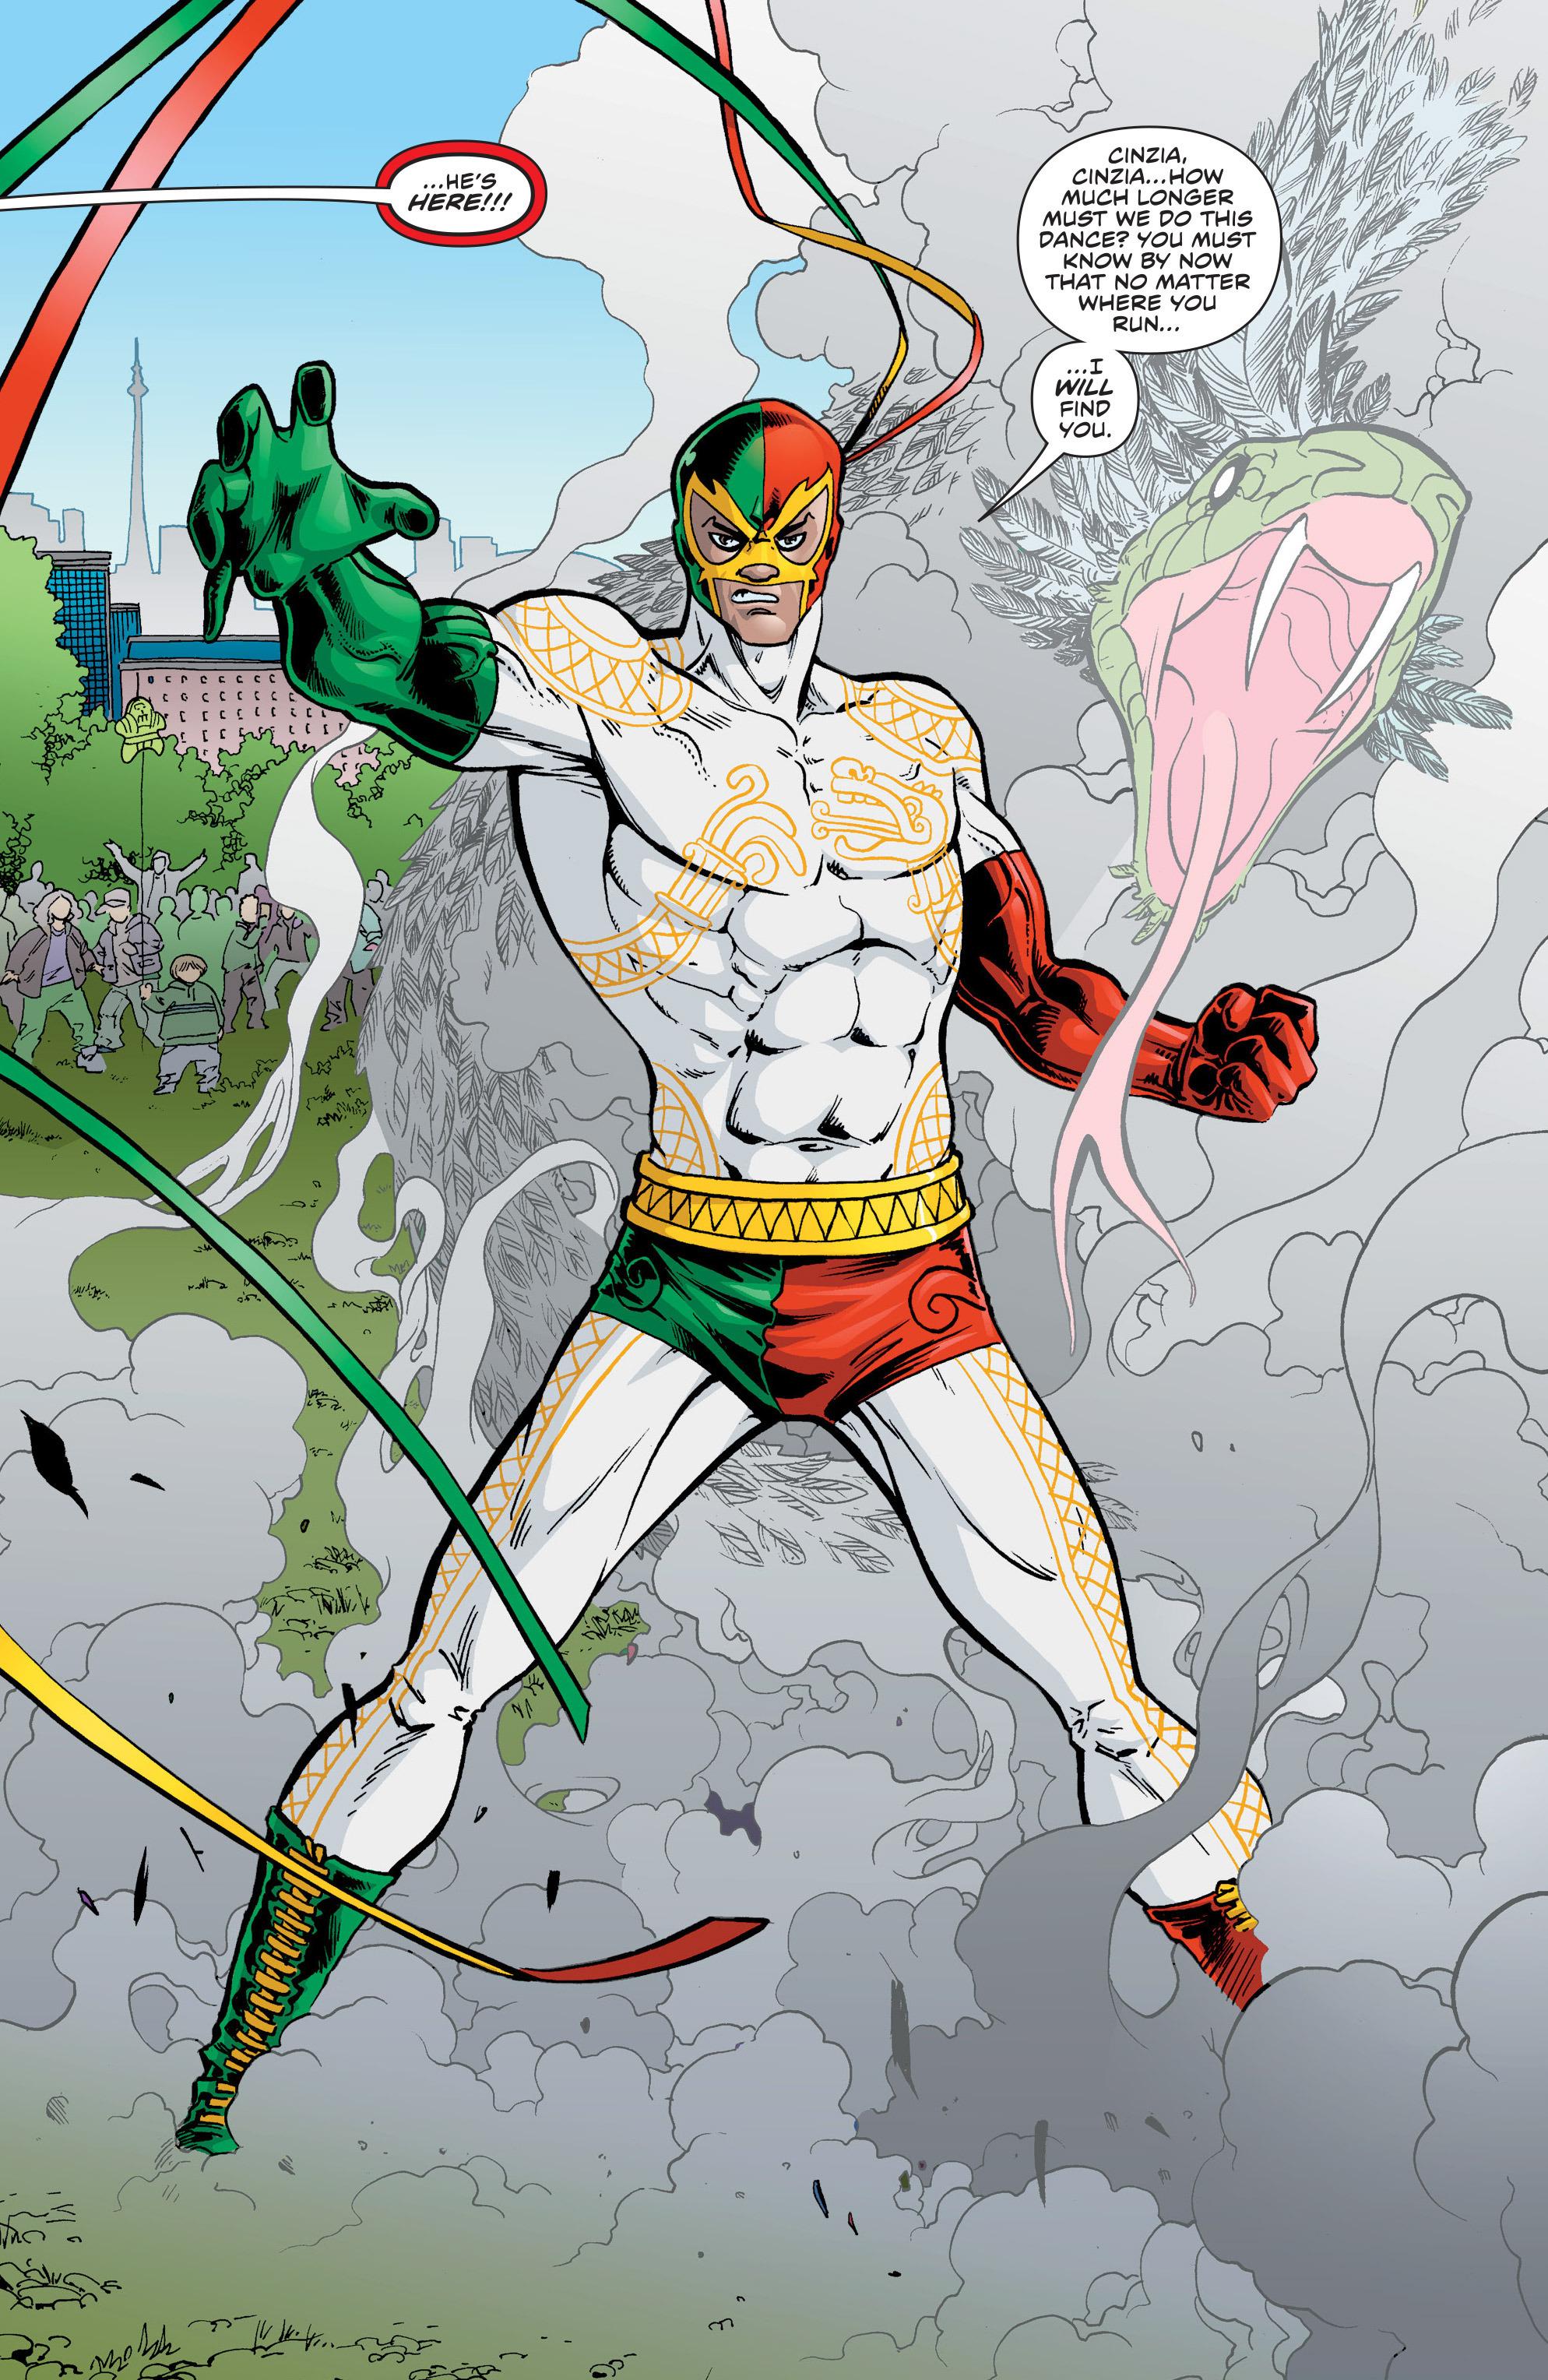 Read online Secret Identities comic -  Issue #4 - 7